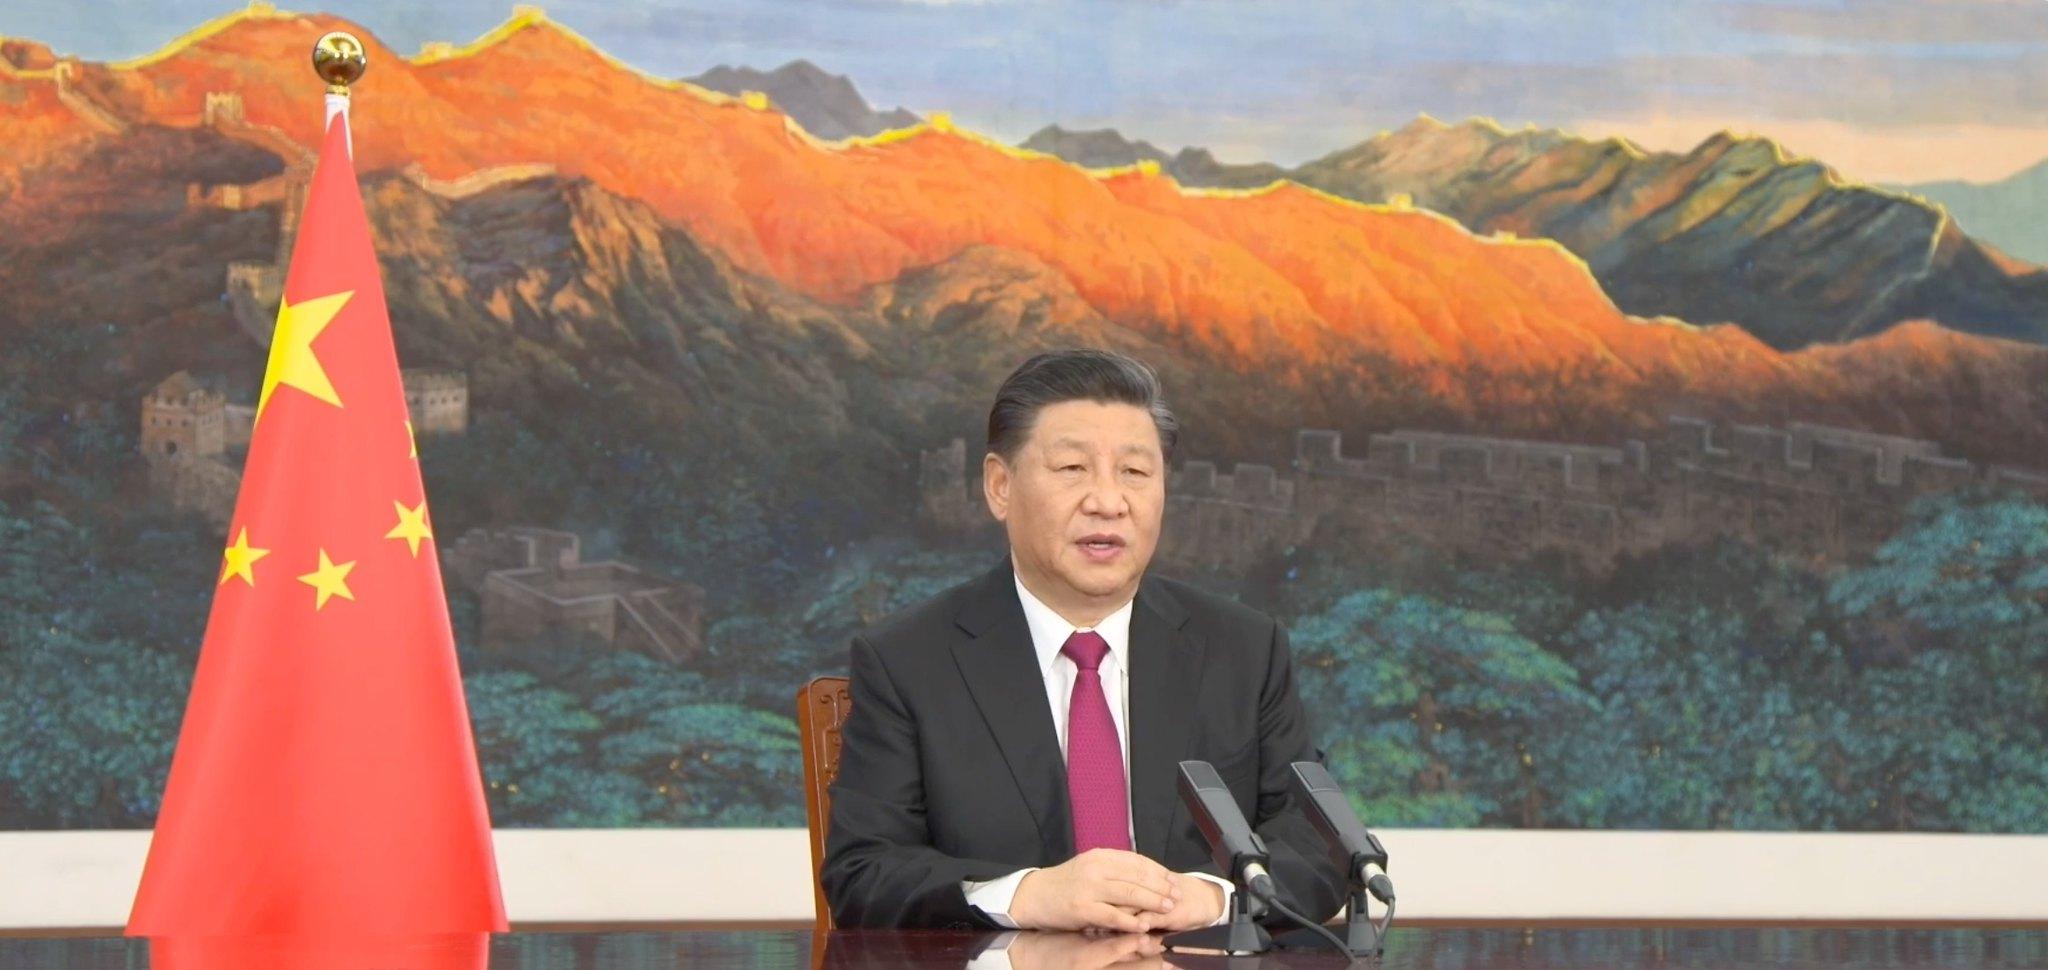 中國啟動了世界上最大的排放市場。國家報報導